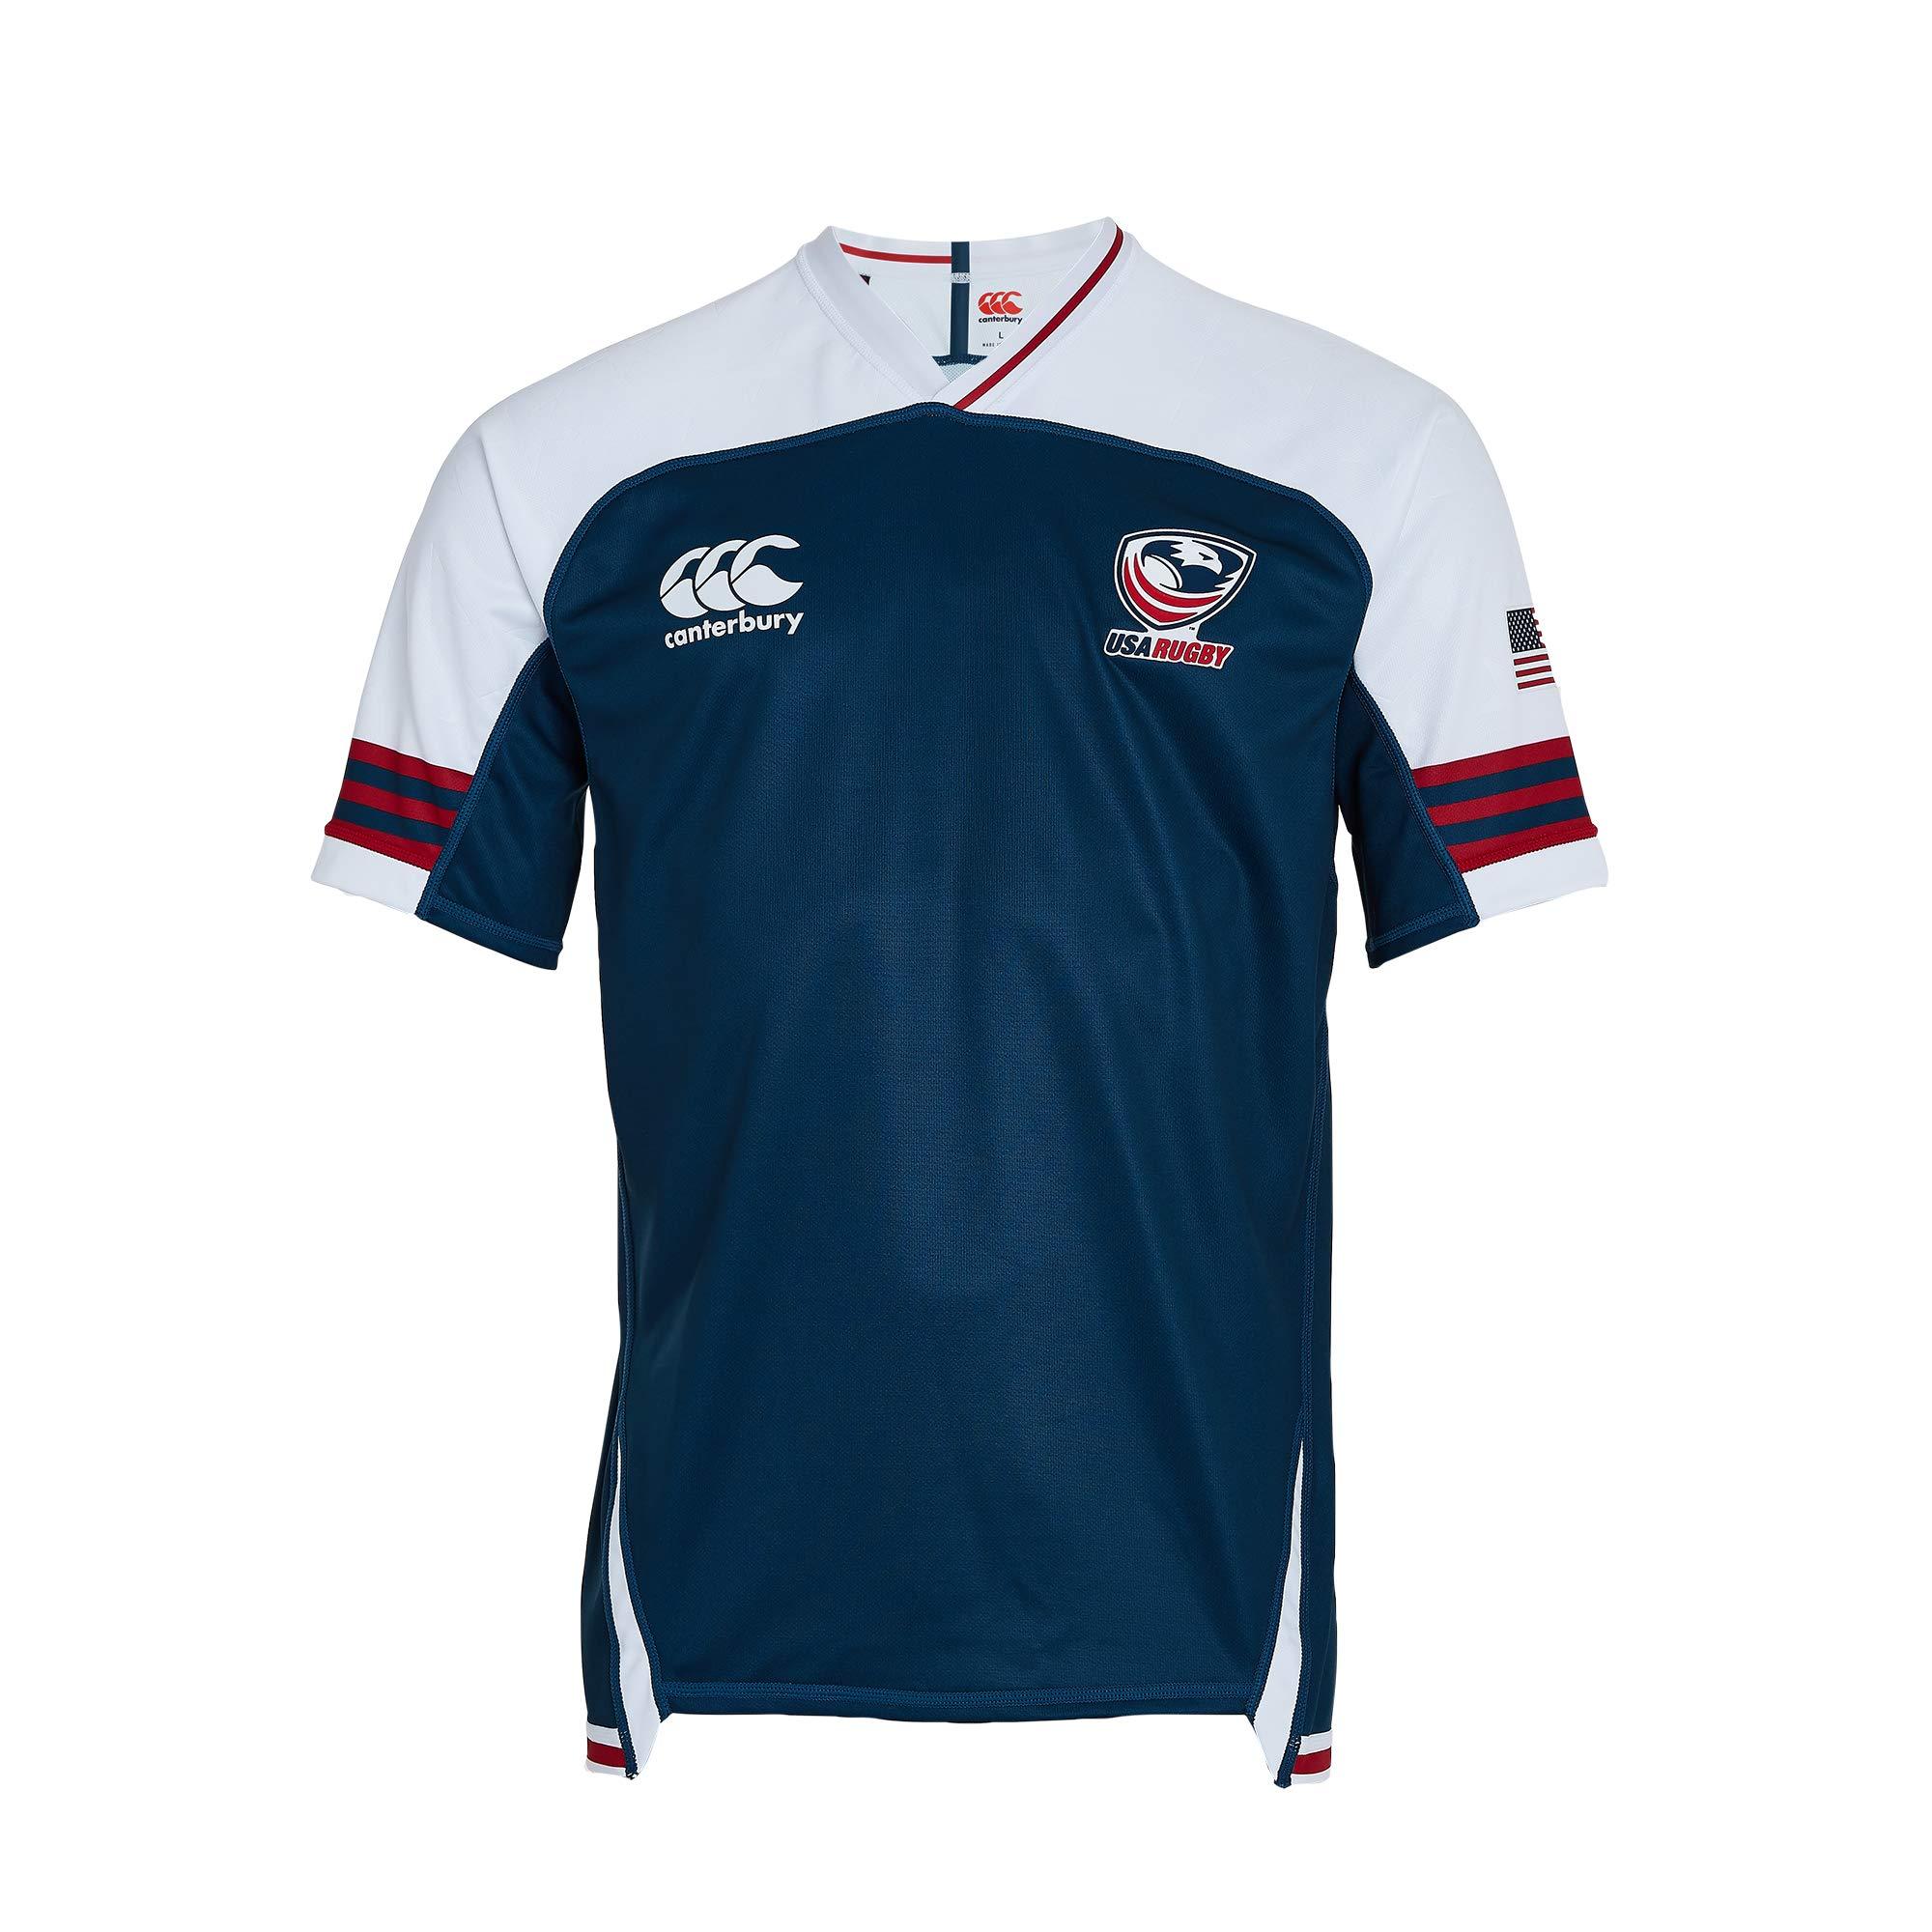 Canterbury USA Vapodri+ - Camiseta de Rugby de Manga Corta para Hombre, Hombre, Camiseta de Rugby, QB909634539, Azul Marino, 4XL: Amazon.es: Deportes y aire libre